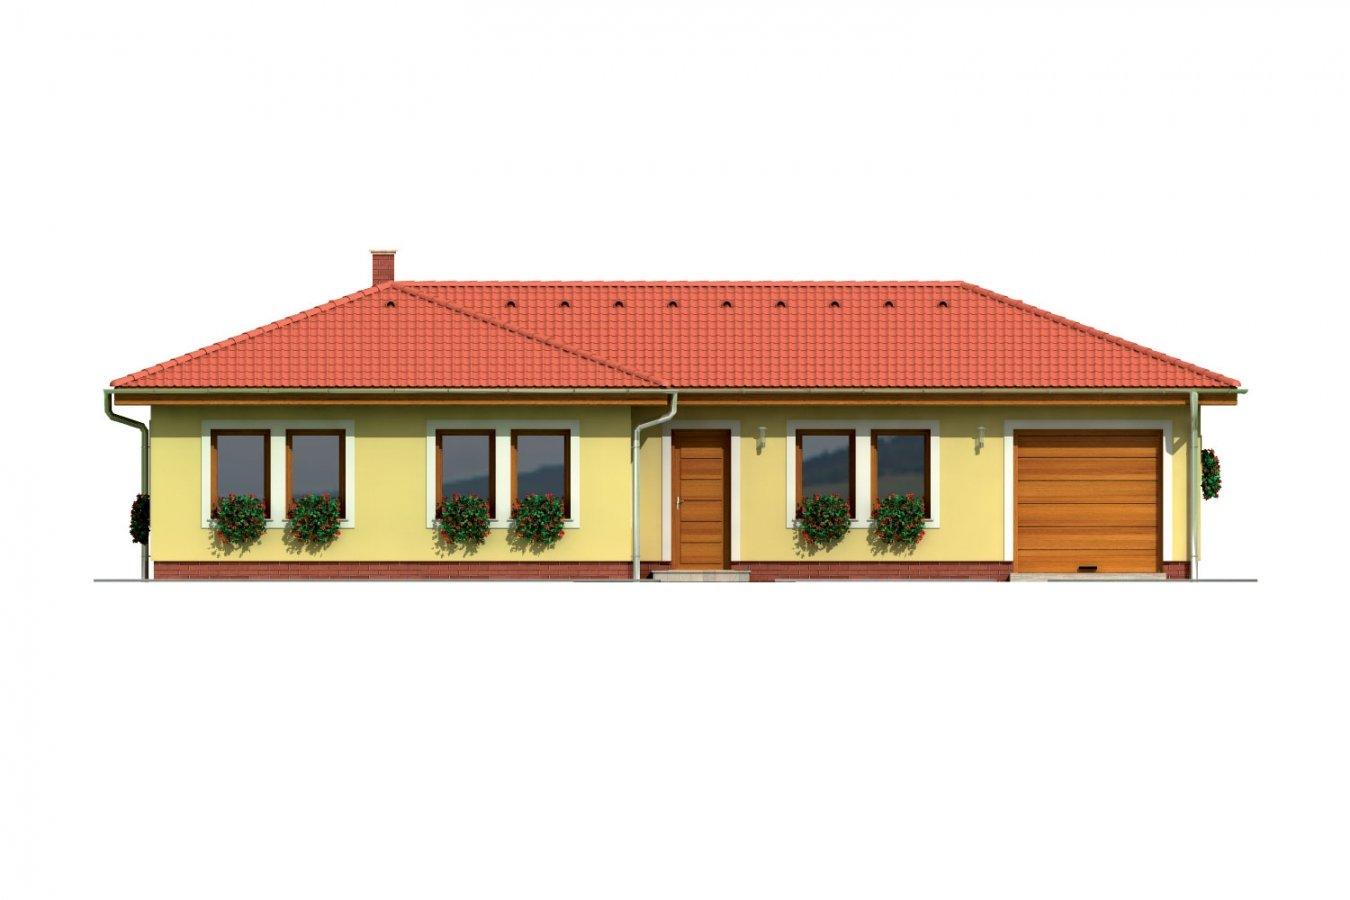 Pohľad 1. - Projekt domu v tvare L do ulice. Veľký 6-izbový rodinný dom s garážou.